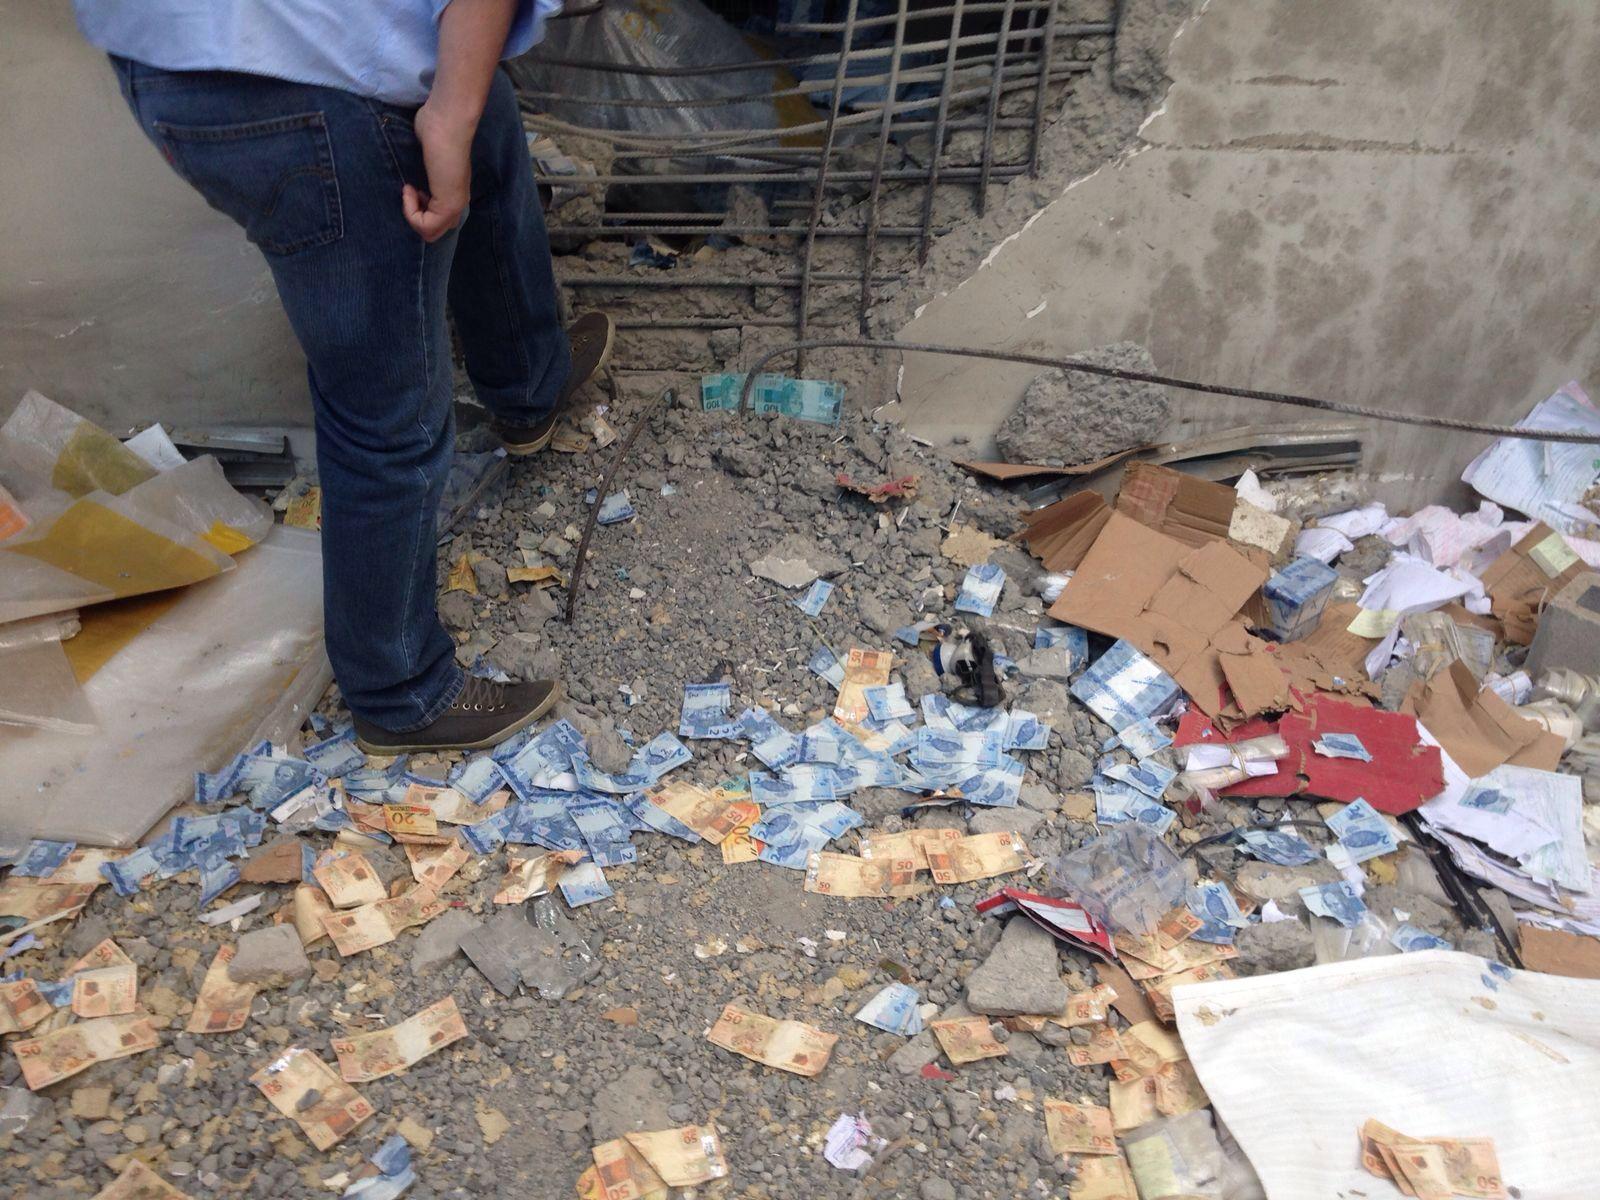 Notas de dinheiro dos cofres da empresa ficaram espalhadas pelo prédio após as explosões